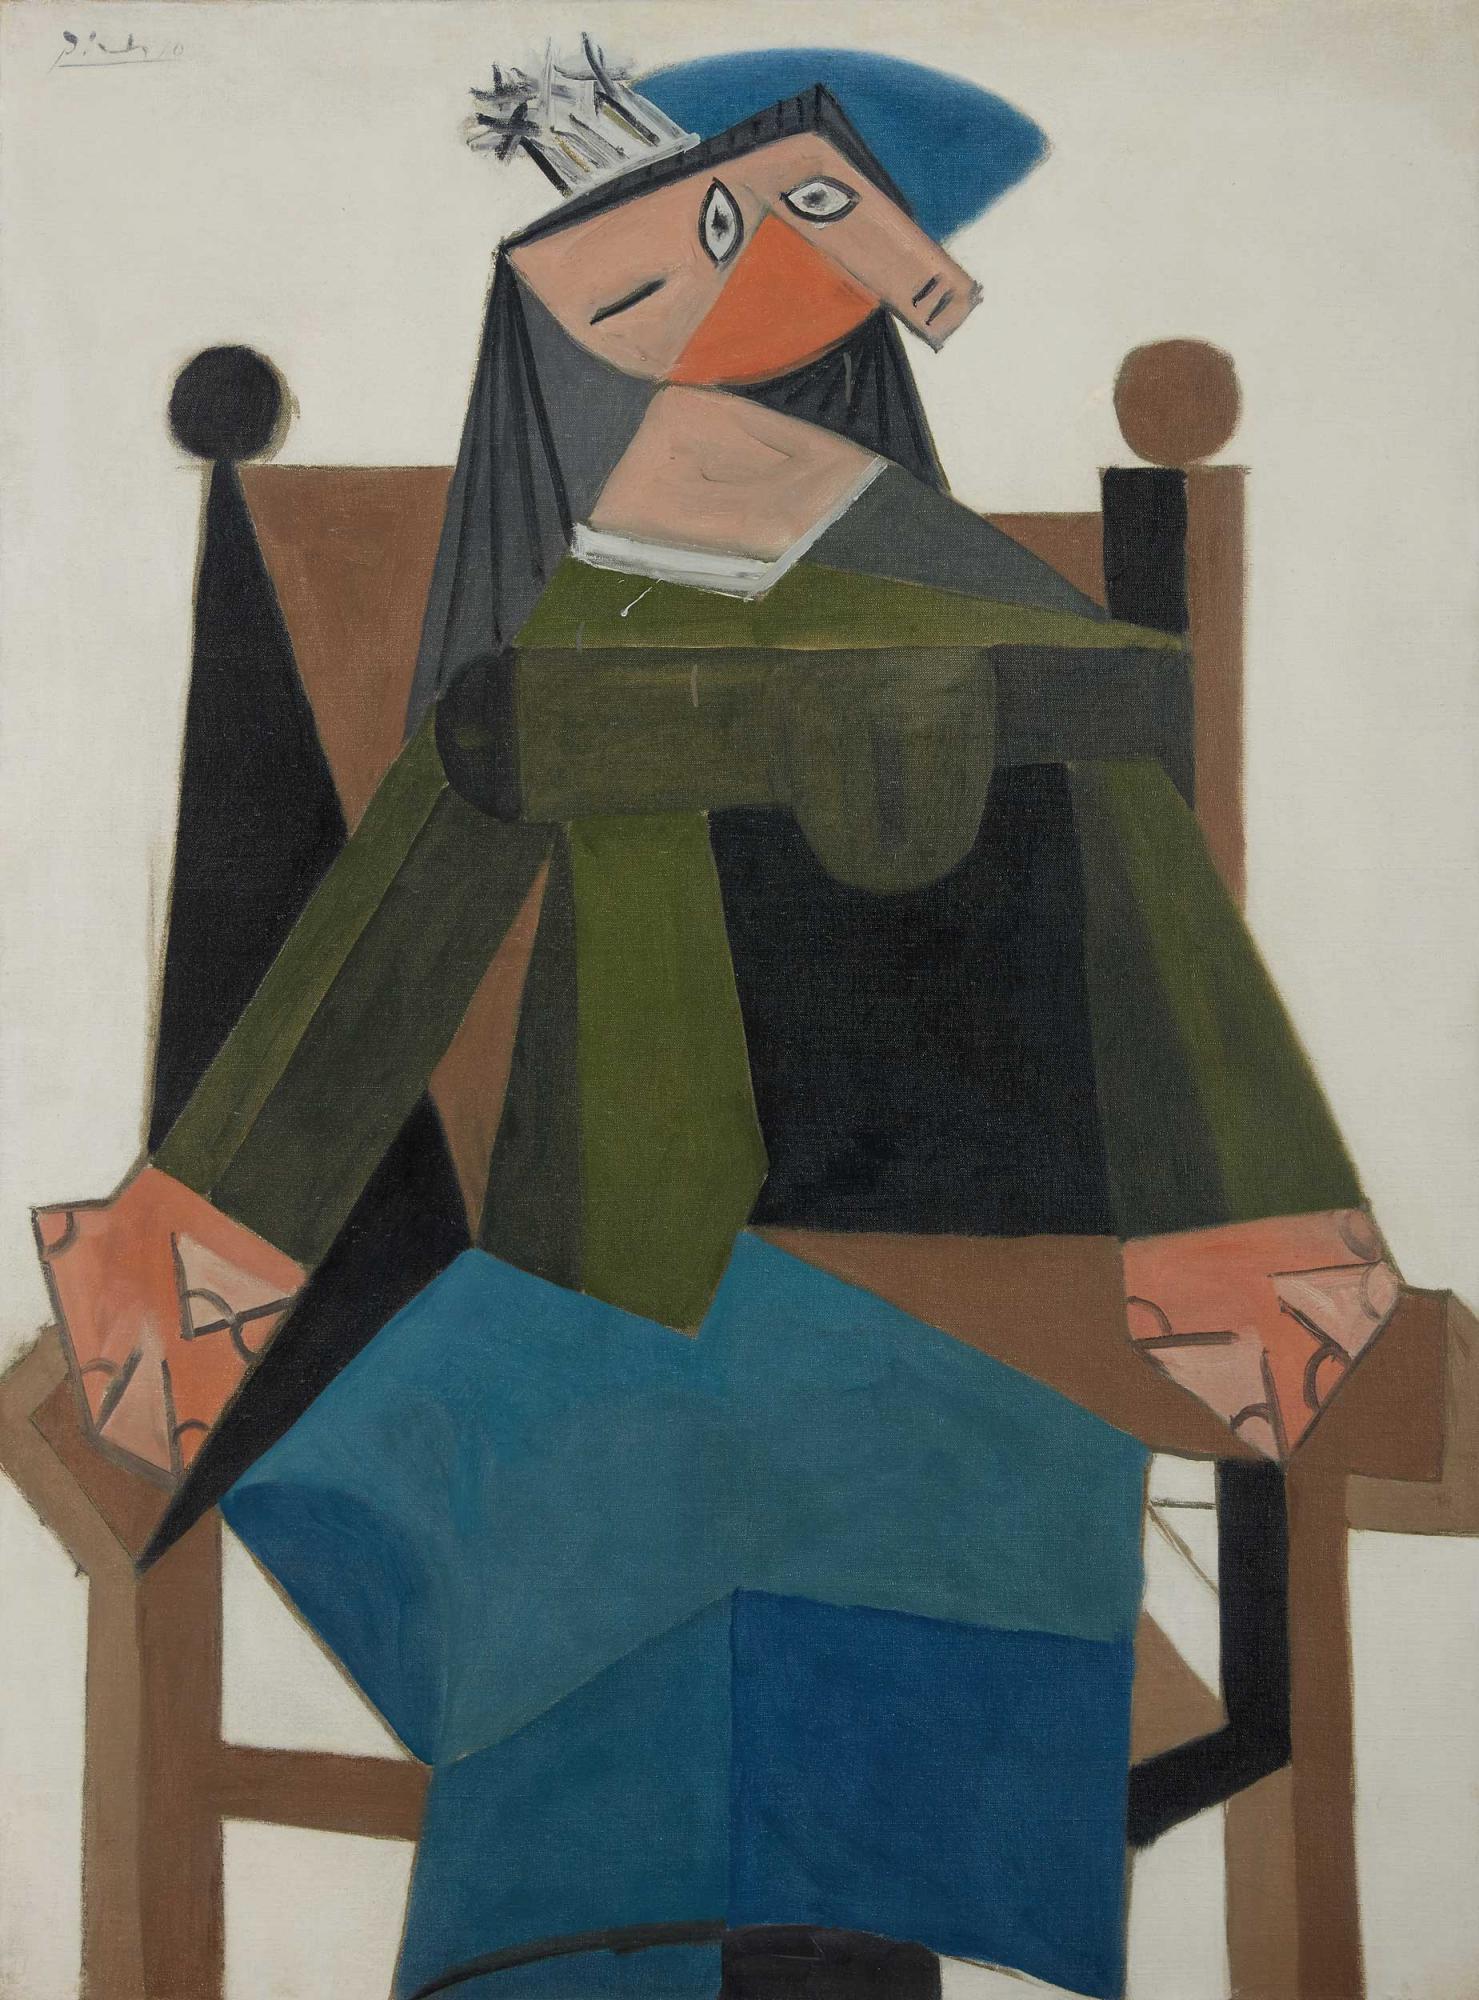 Lot-120,-Pablo-Picasso,-Femme-assise-dans-un-fauteuil,-est.jpg